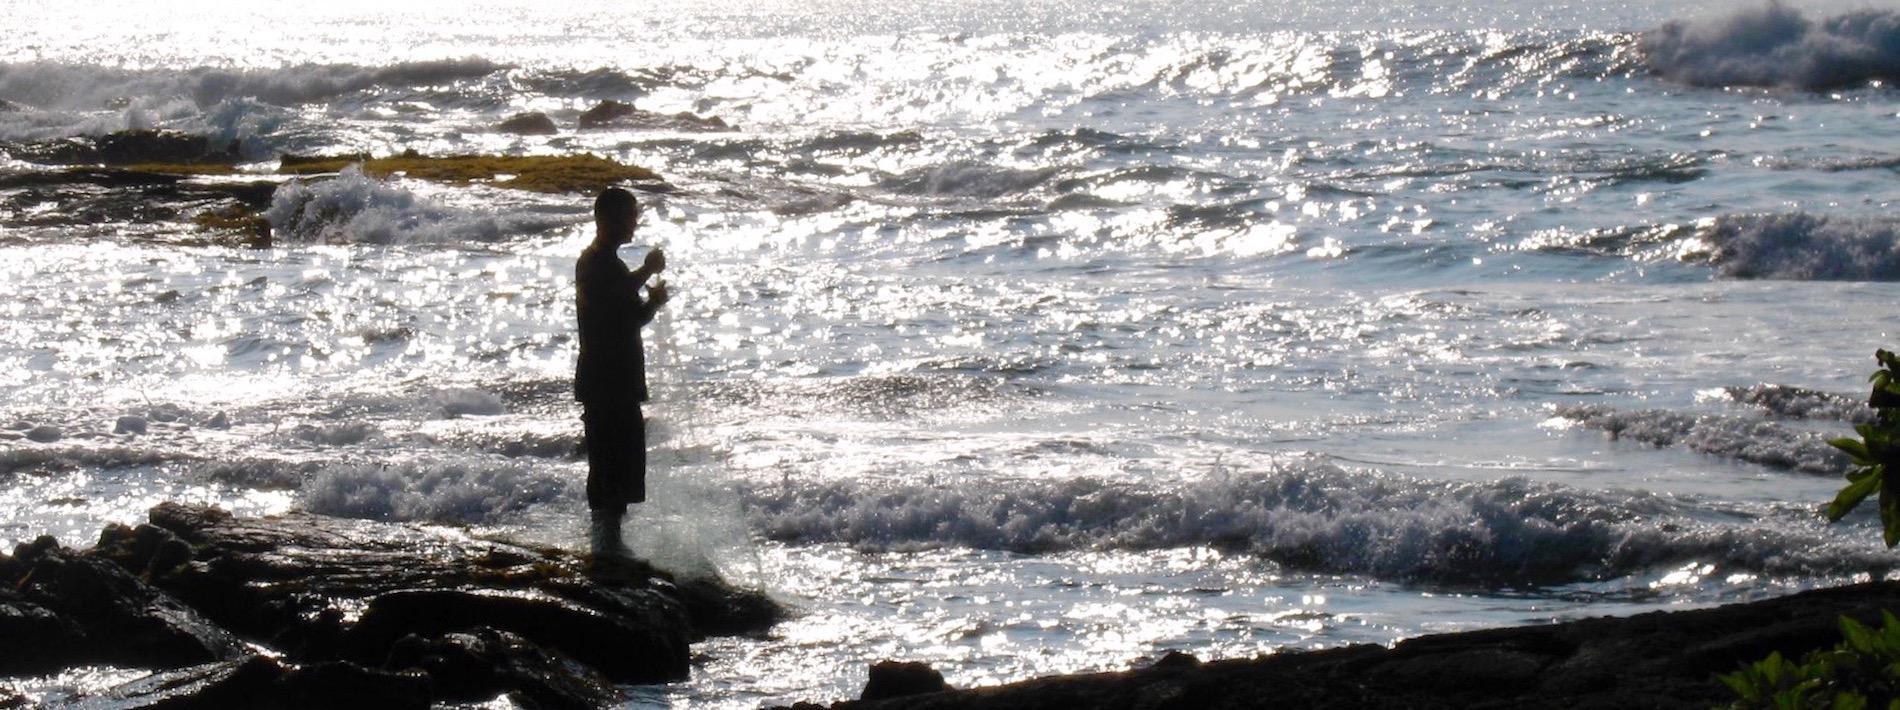 hawaiian-fisherman-net.jpg